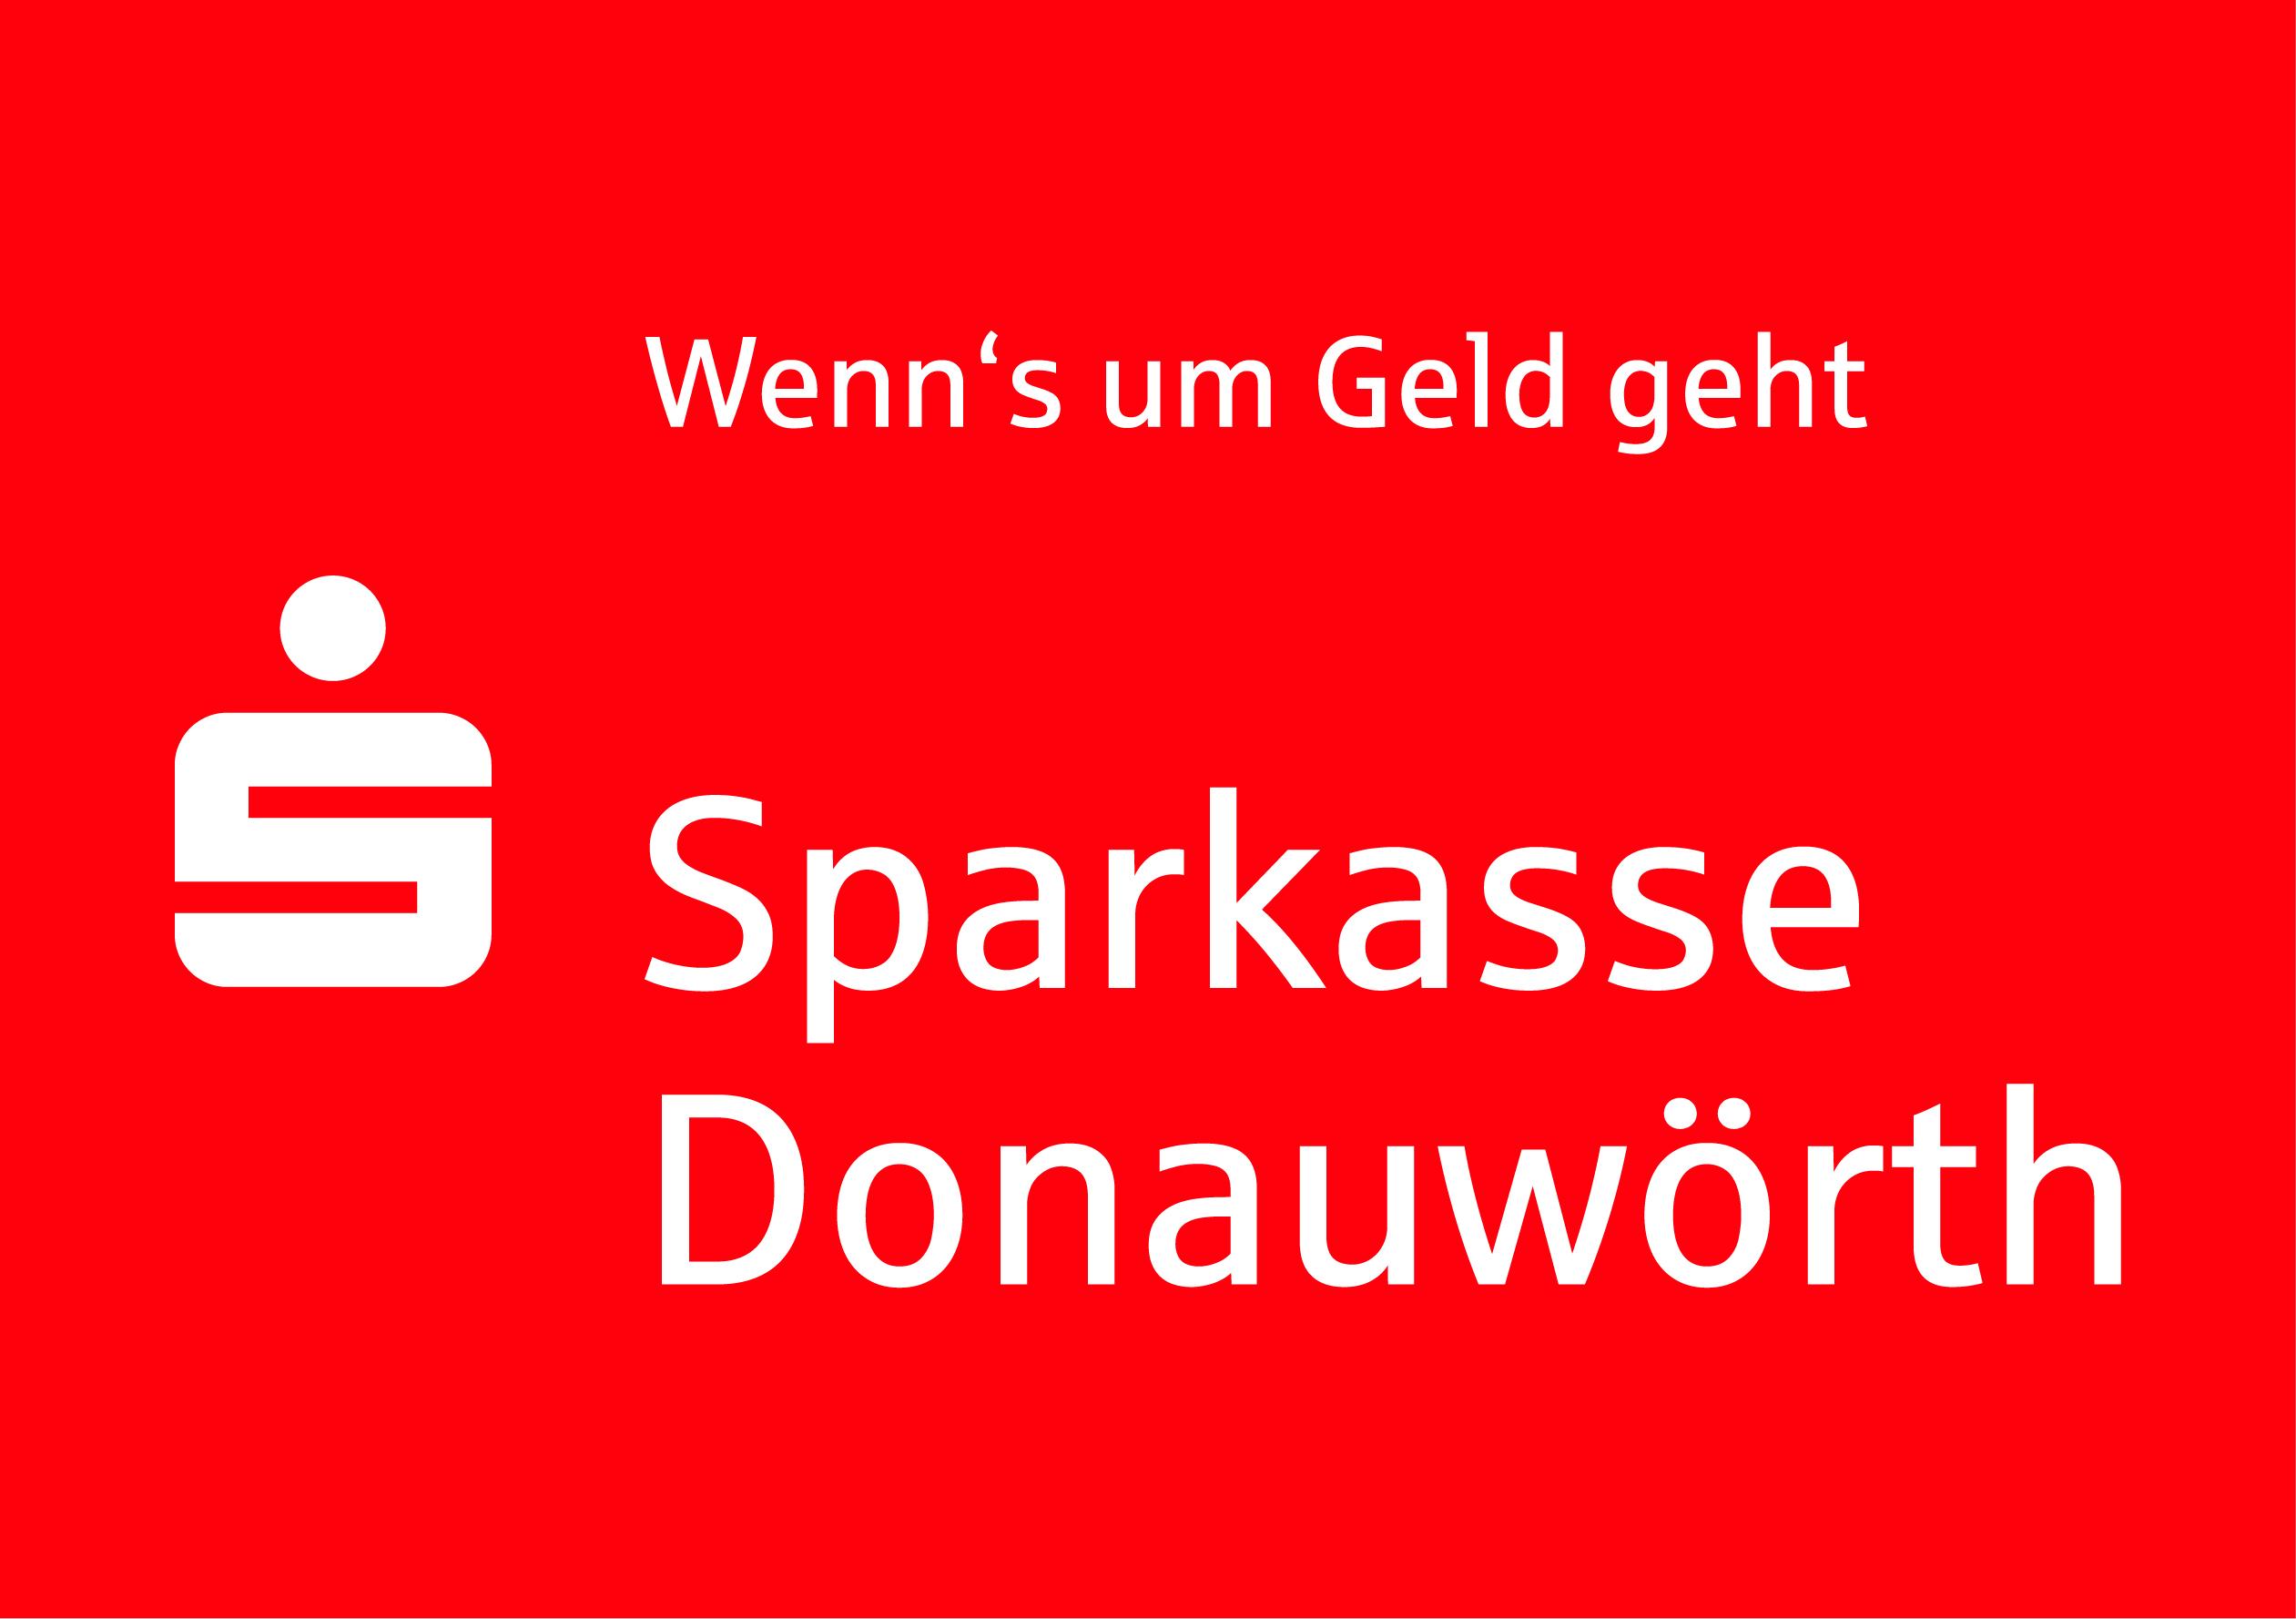 Wenn's um Geld geht- Sparkasse Donauwörth